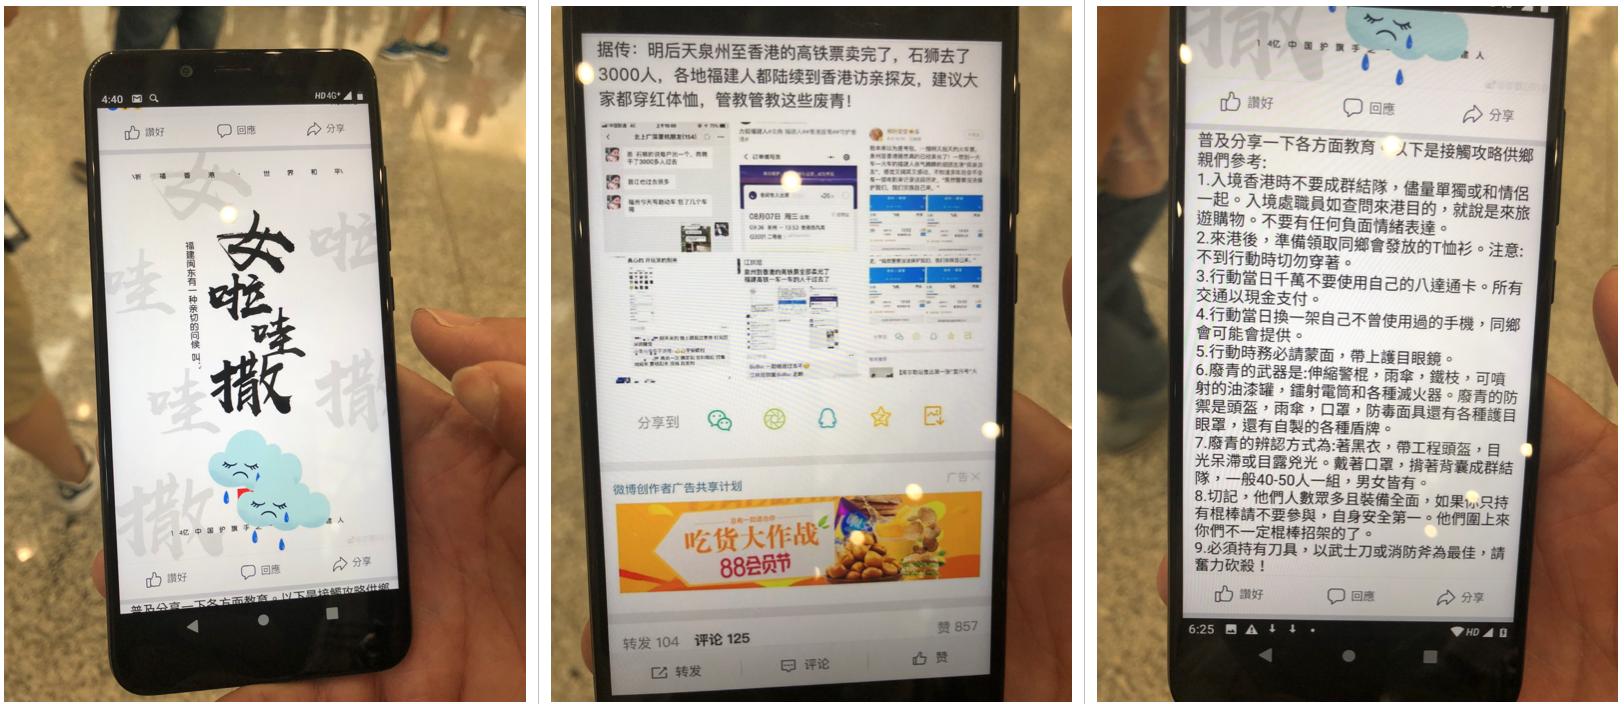 通過微信傳遞的關於福建人到香港攻擊「反送中」示威者的信息。(葉依帆/大紀元)